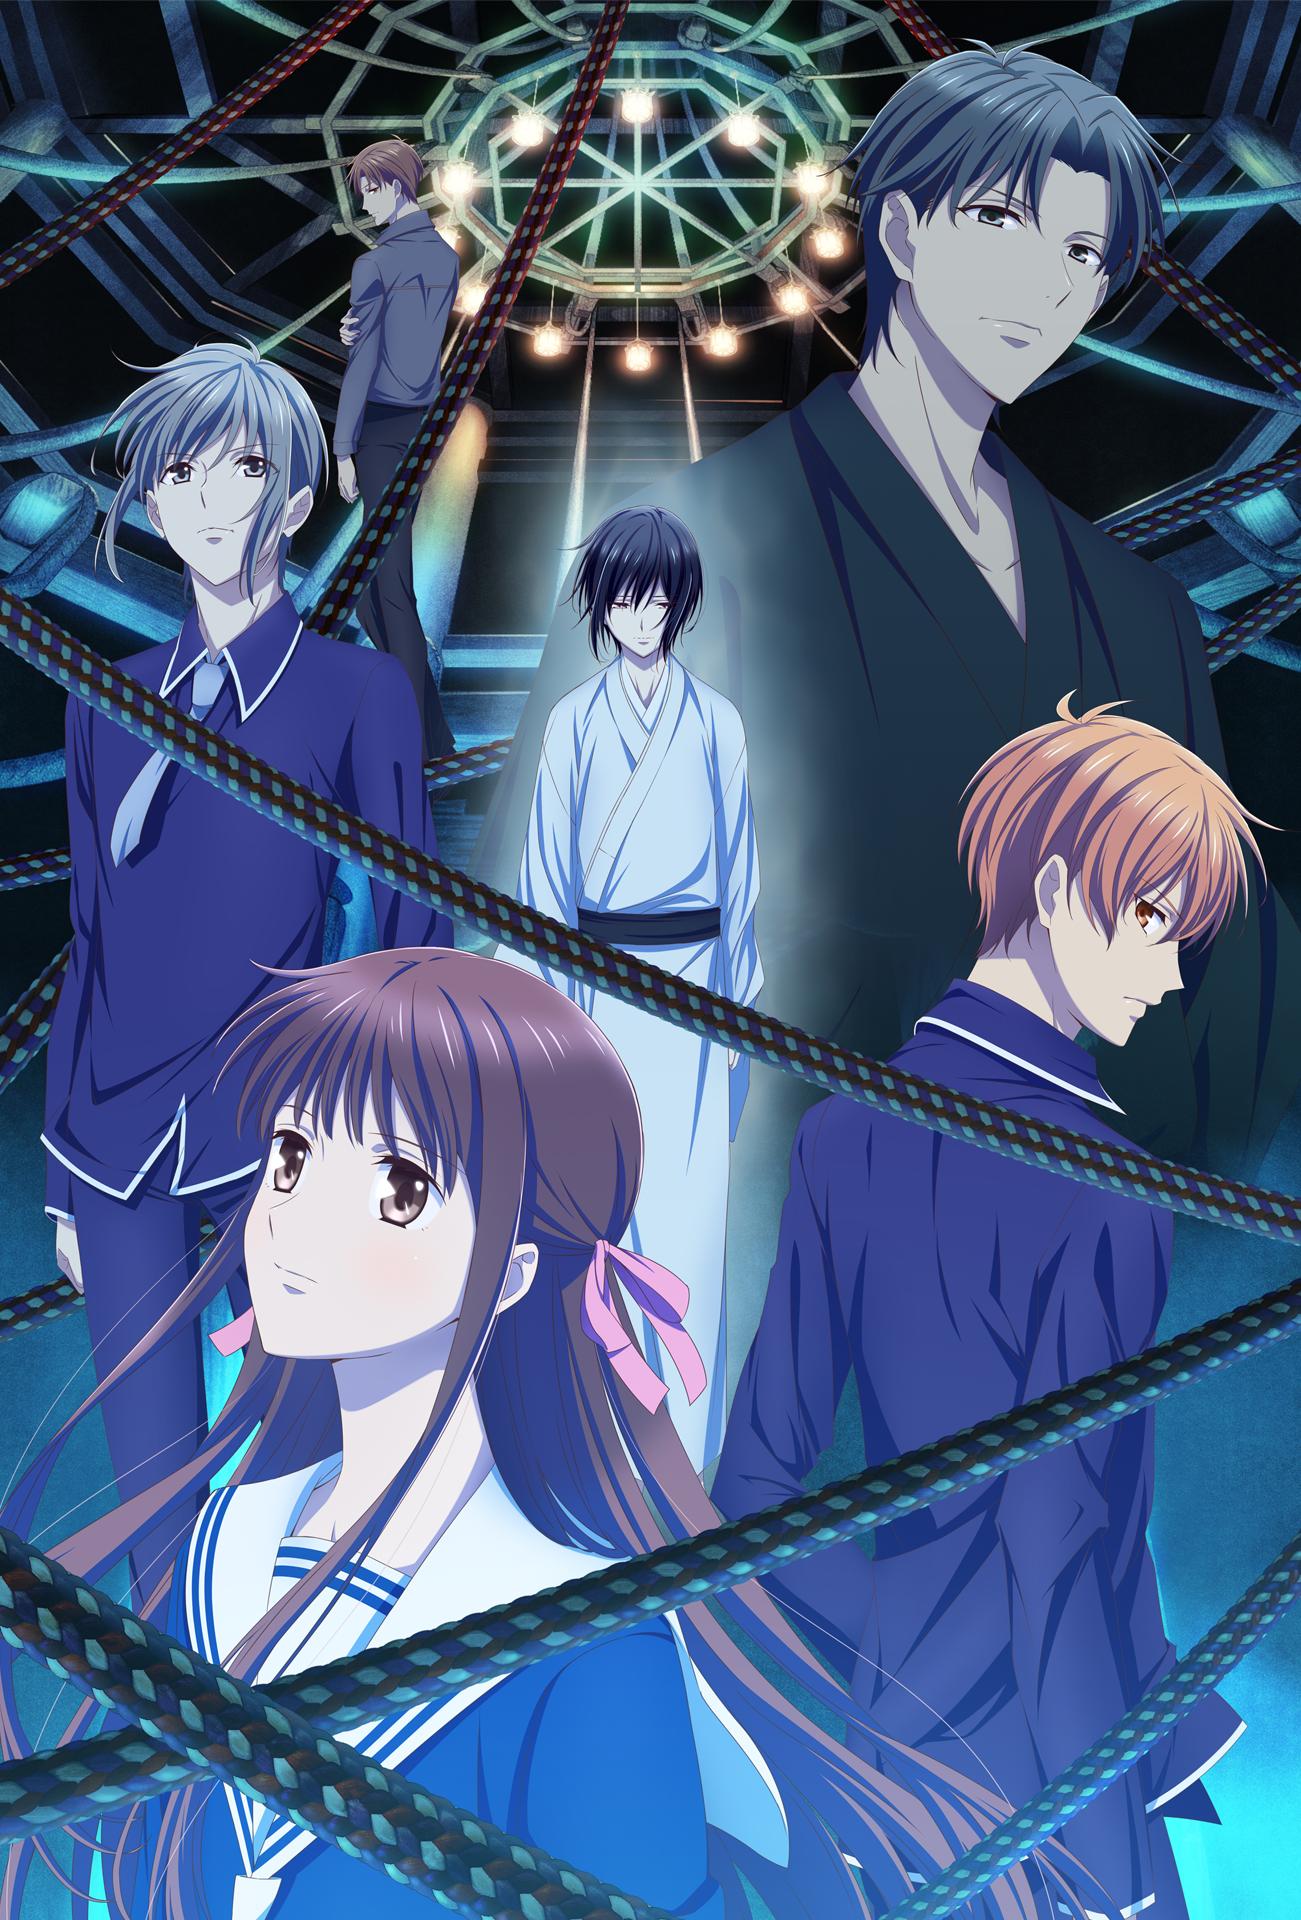 Fruits Basket: The Final Season Anime of the Season